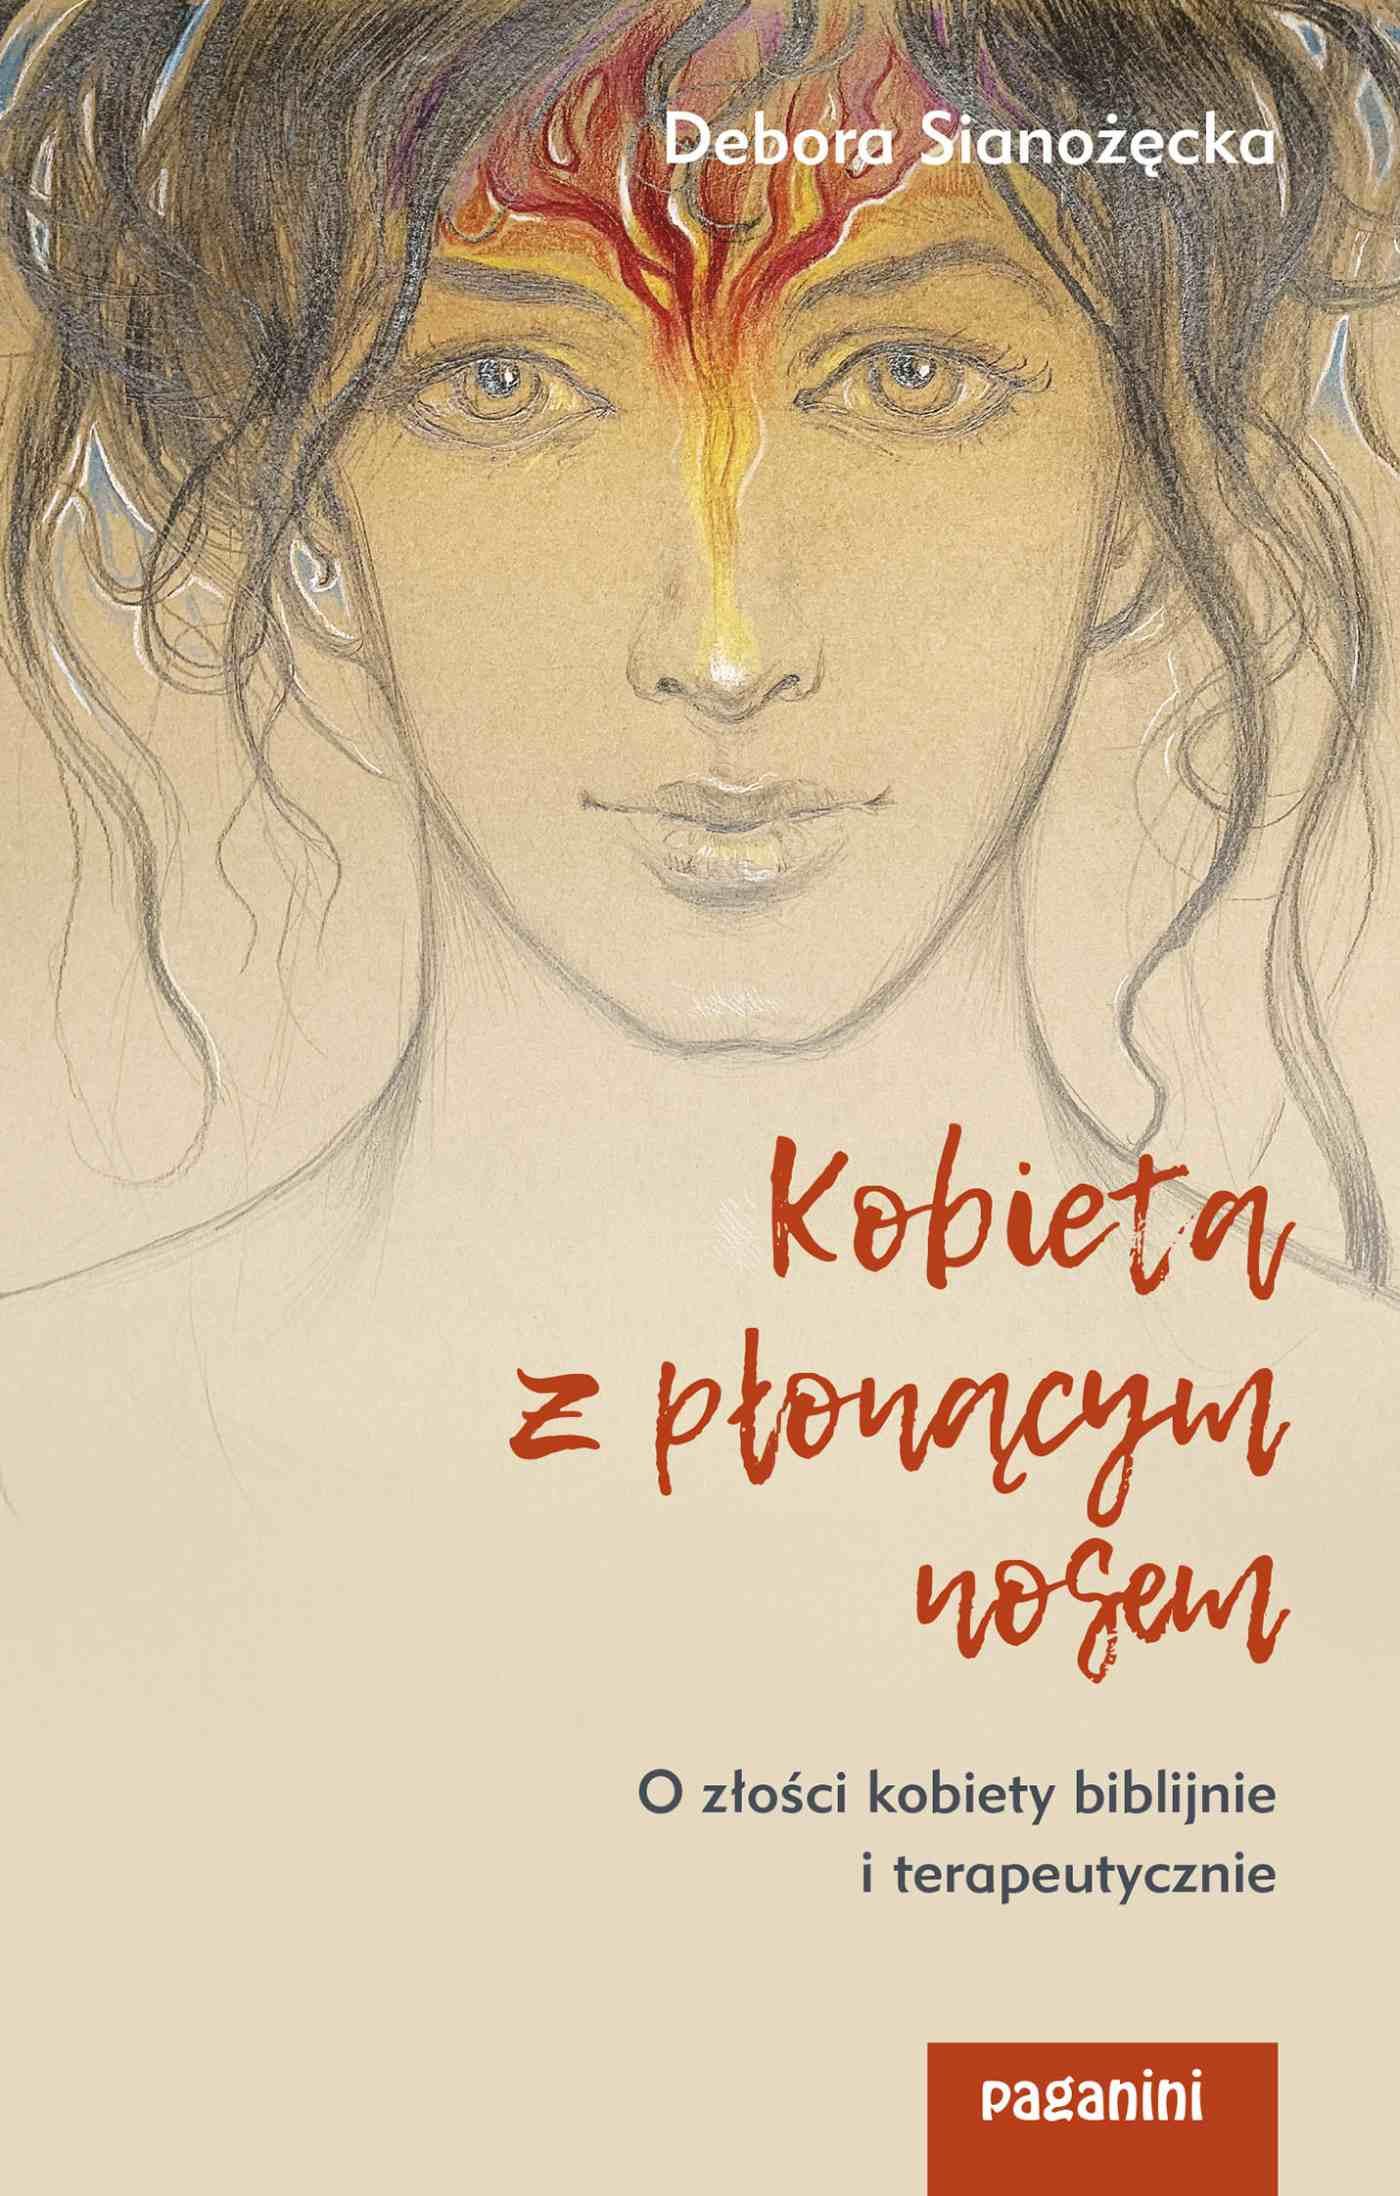 Kobieta z płonącym nosem. O złości kobiety biblijnie i terapeutycznie - Ebook (Książka na Kindle) do pobrania w formacie MOBI